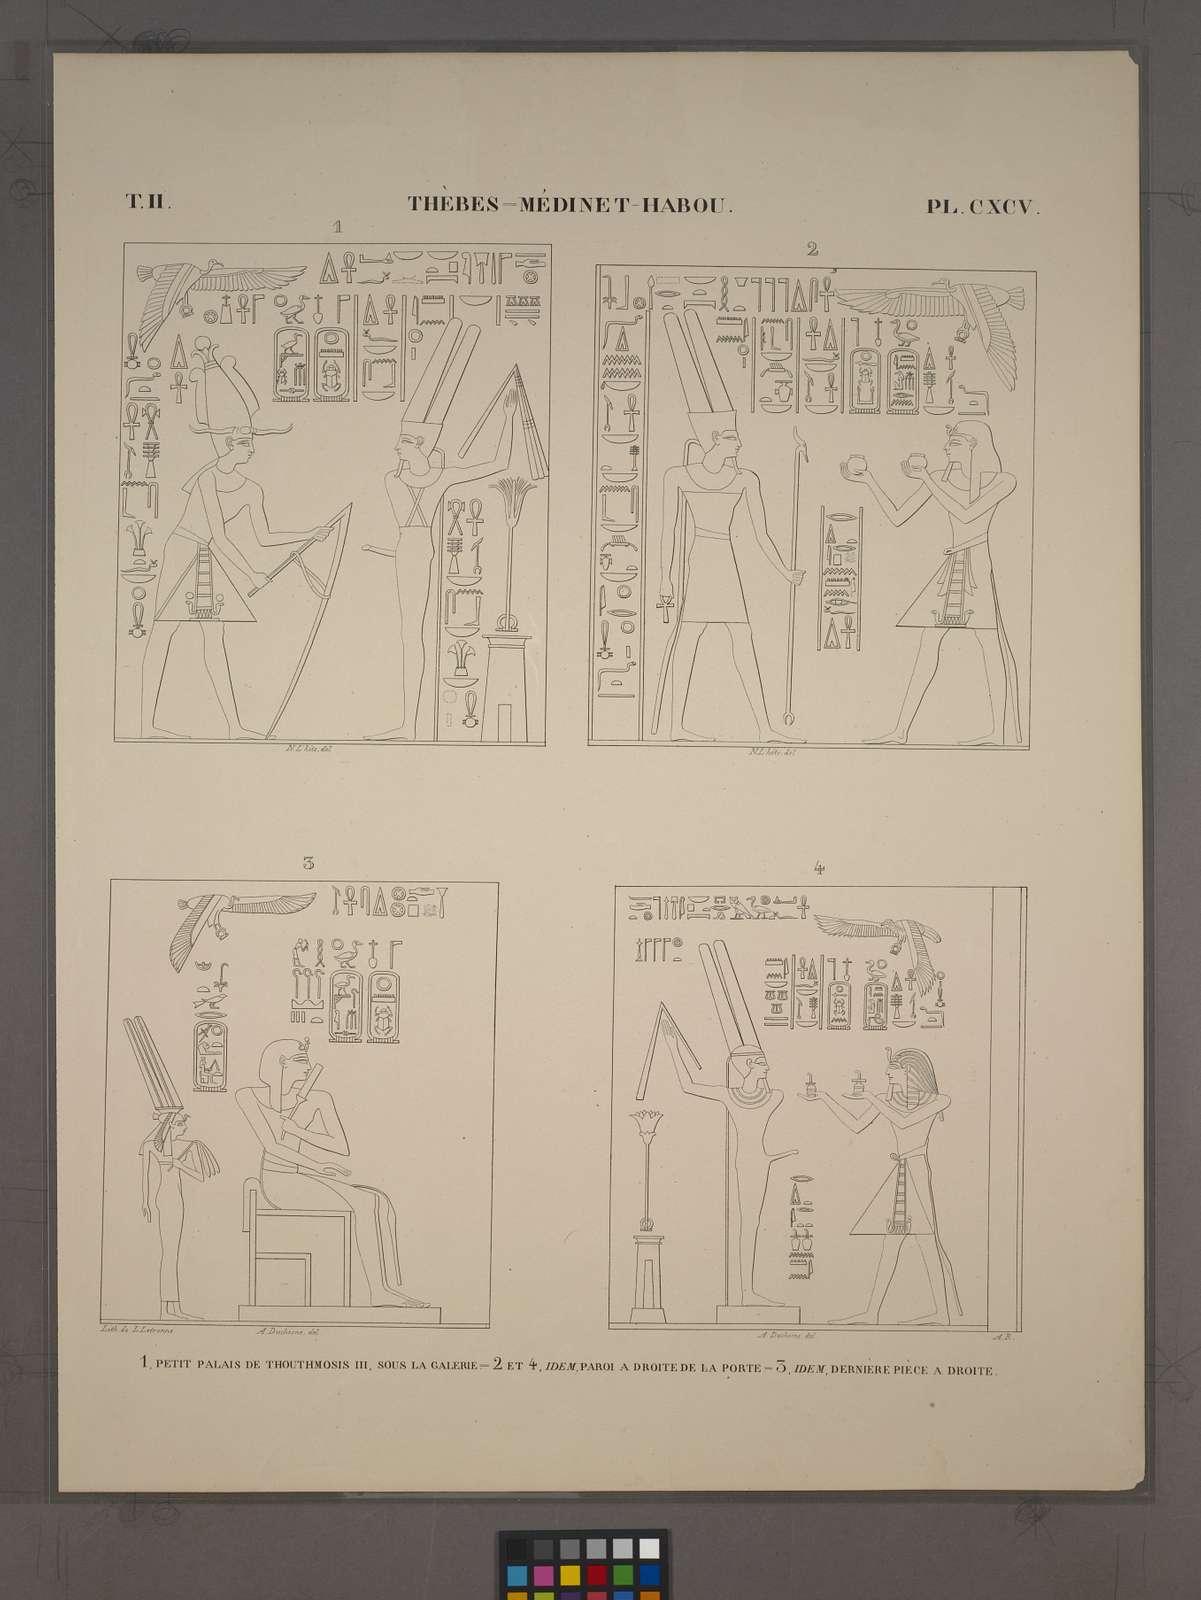 Thèbes, Médinet-Habou [Thebes, Medinet Habu]. 1. Petit palais de Thouthmosis III, sous la galerie; 2 et 4. Idem, paroi à droite de la porte; 3. Idem, dernière pièce à droite.